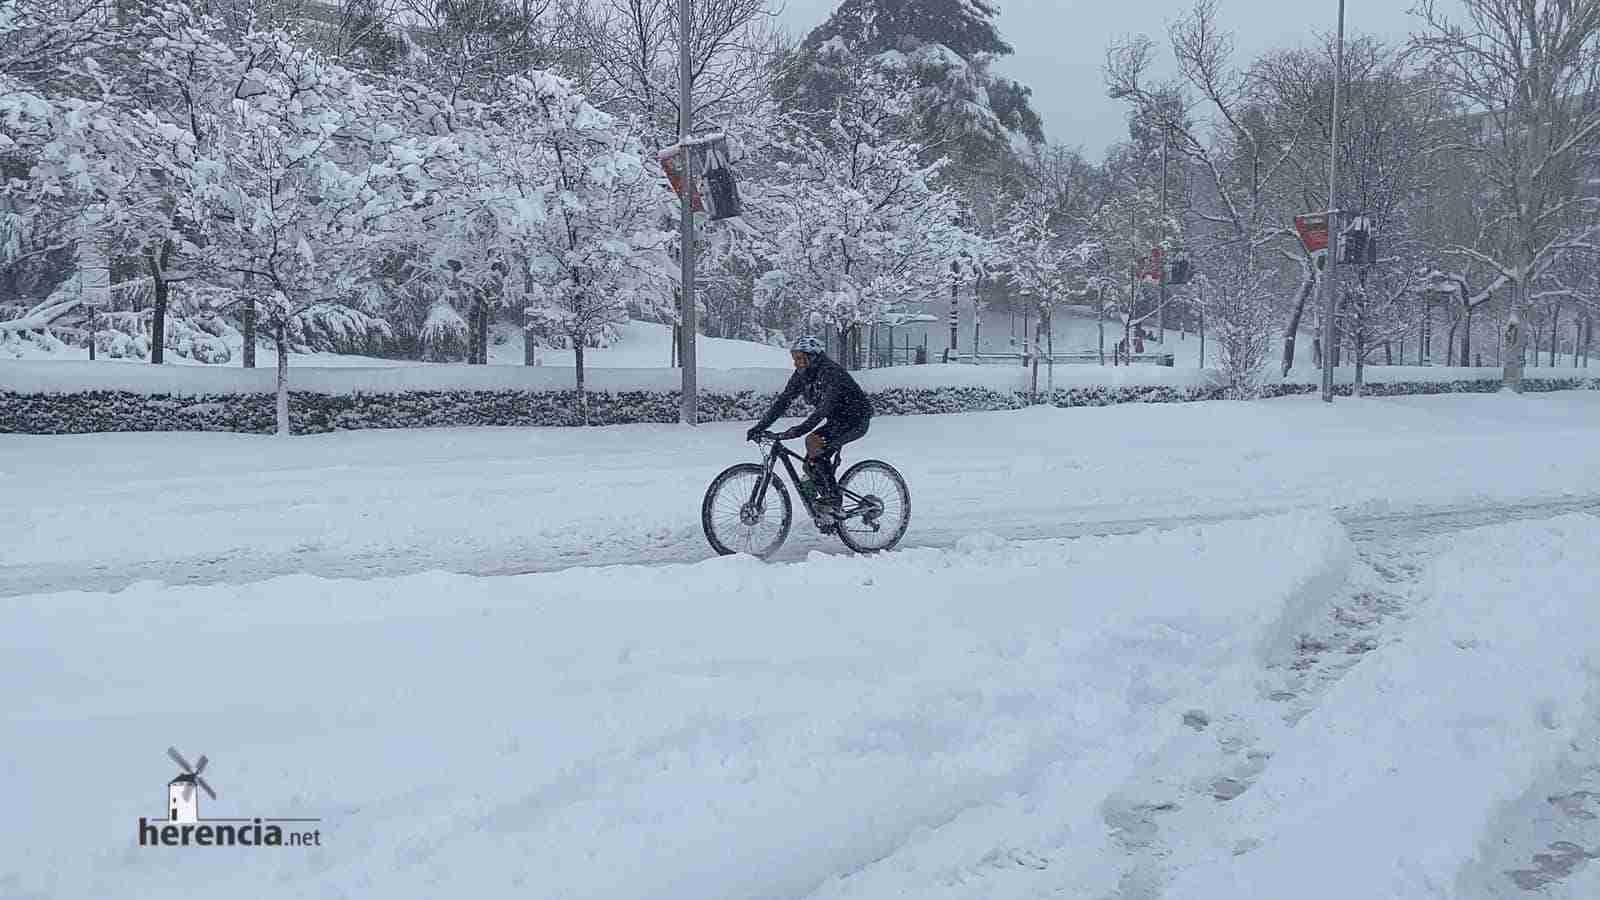 Fotografías de la nevada de enero en Madrid (España) 149